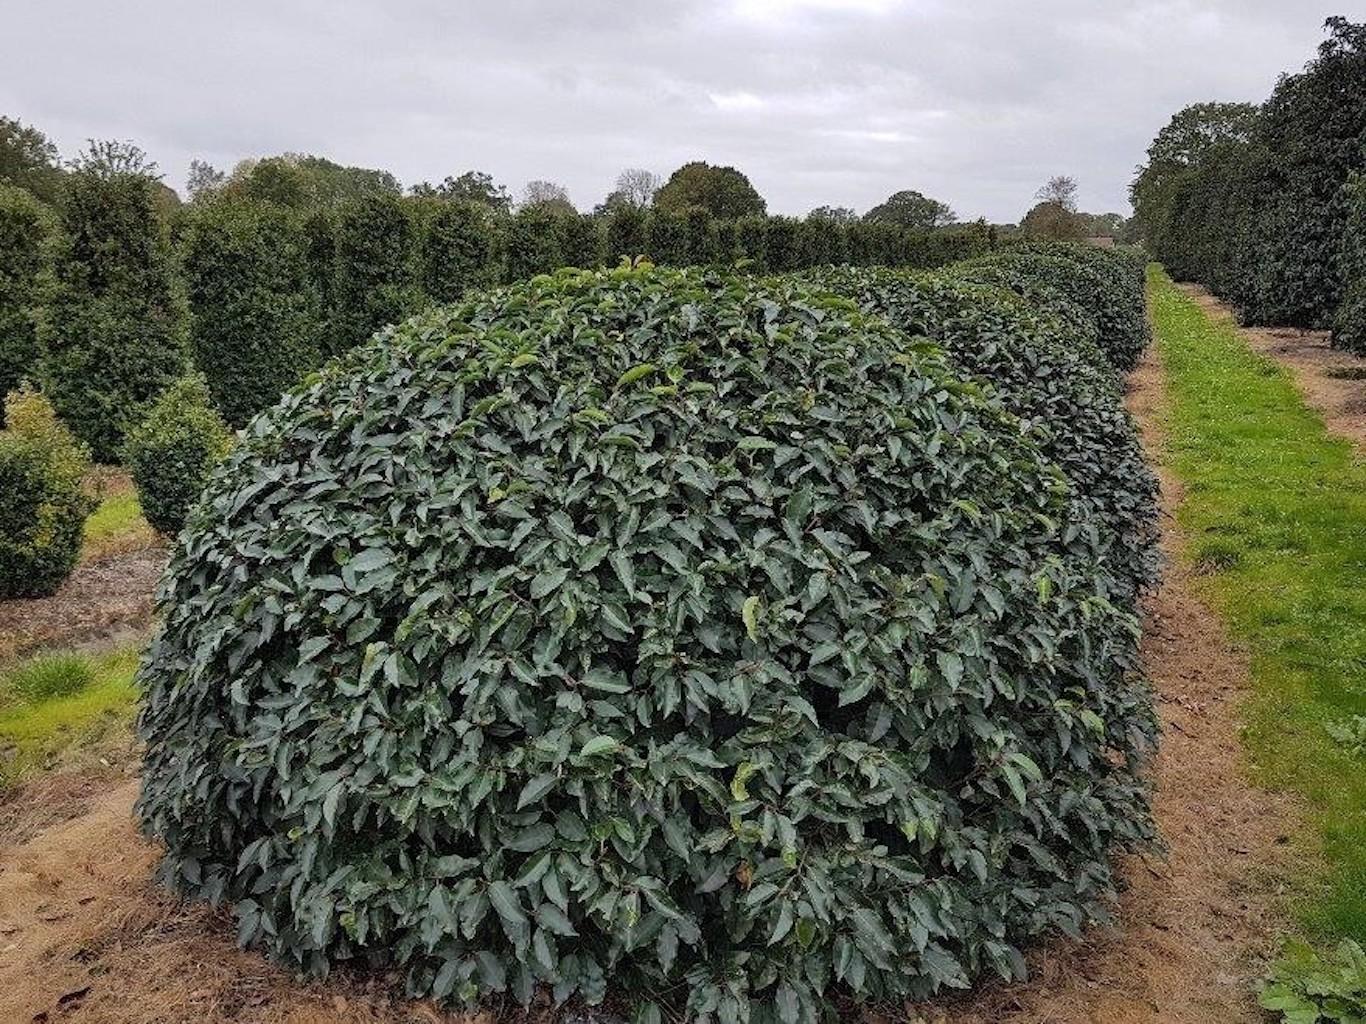 Prunus lusitanica (Portuguese Laurel) topiary ball 180-200-220cm diameter